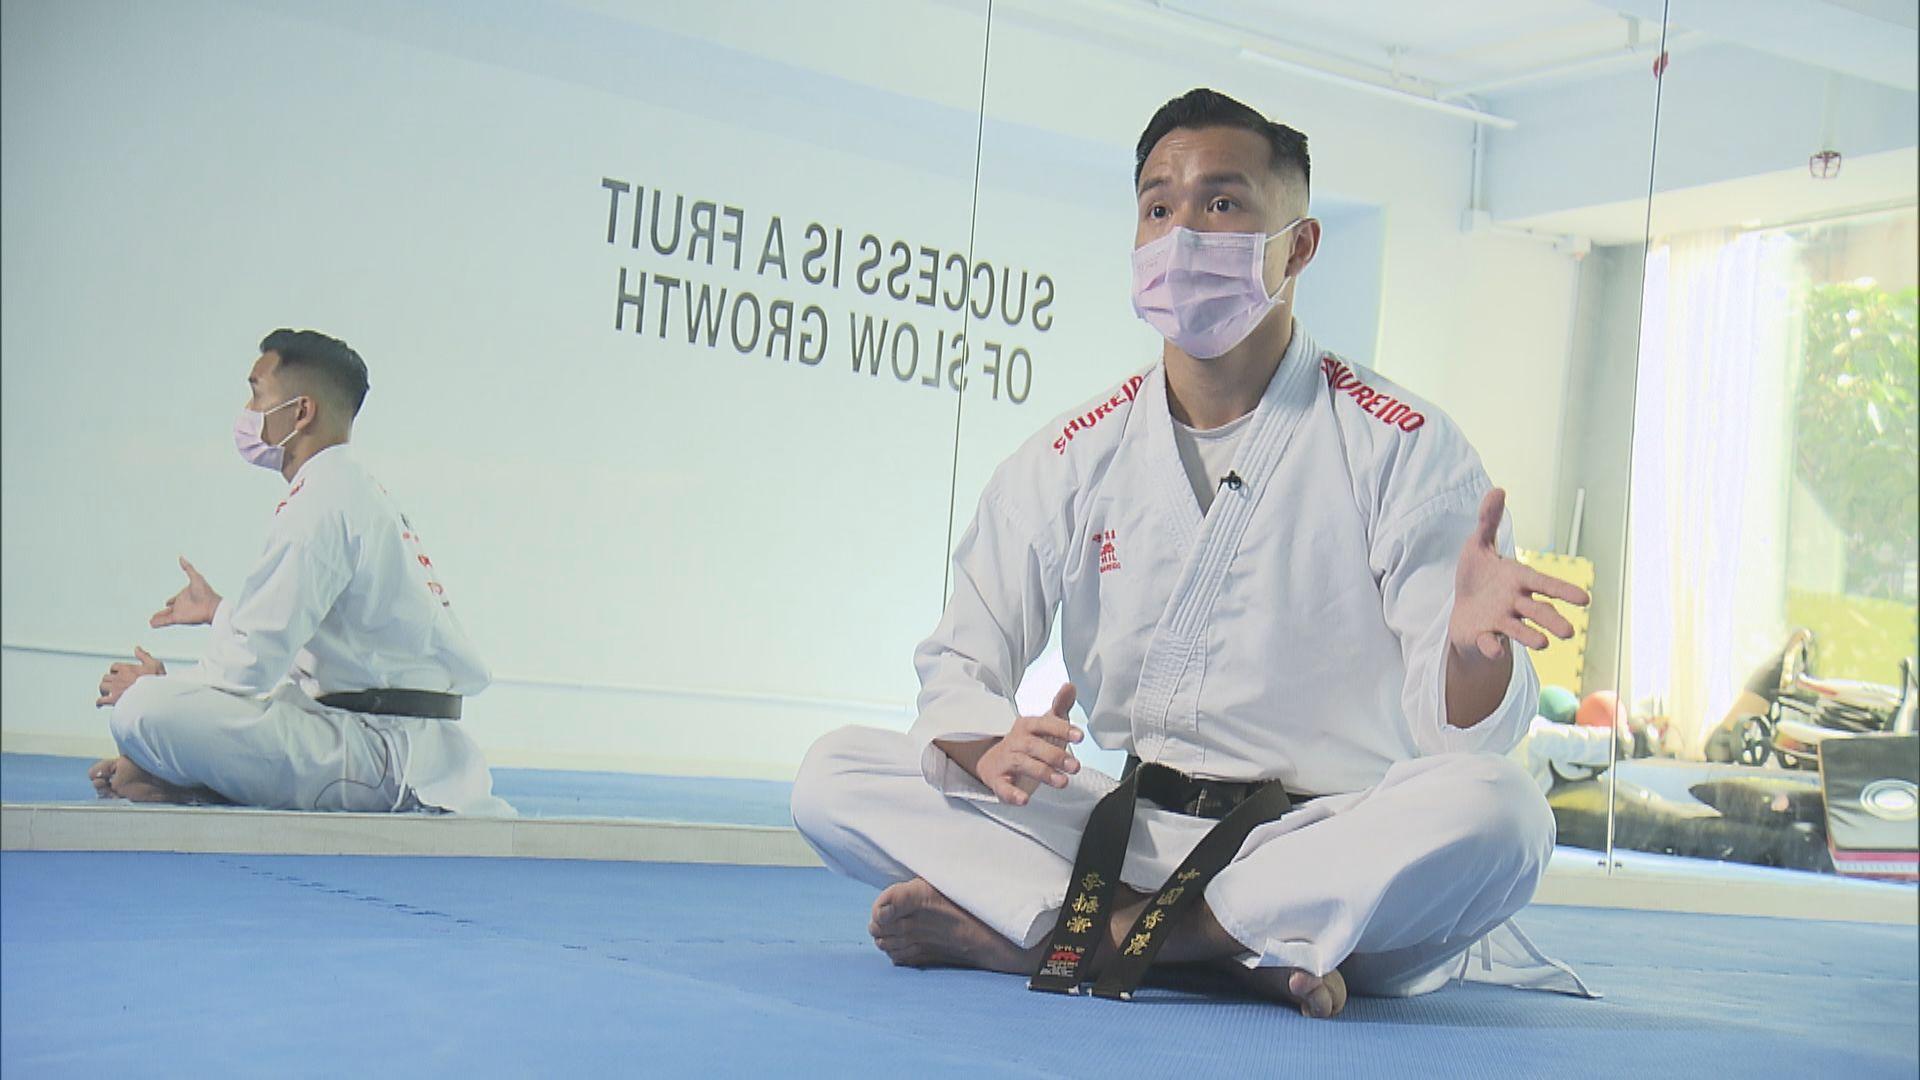 【專訪】空手道運動員李振豪確診康復後積極備戰